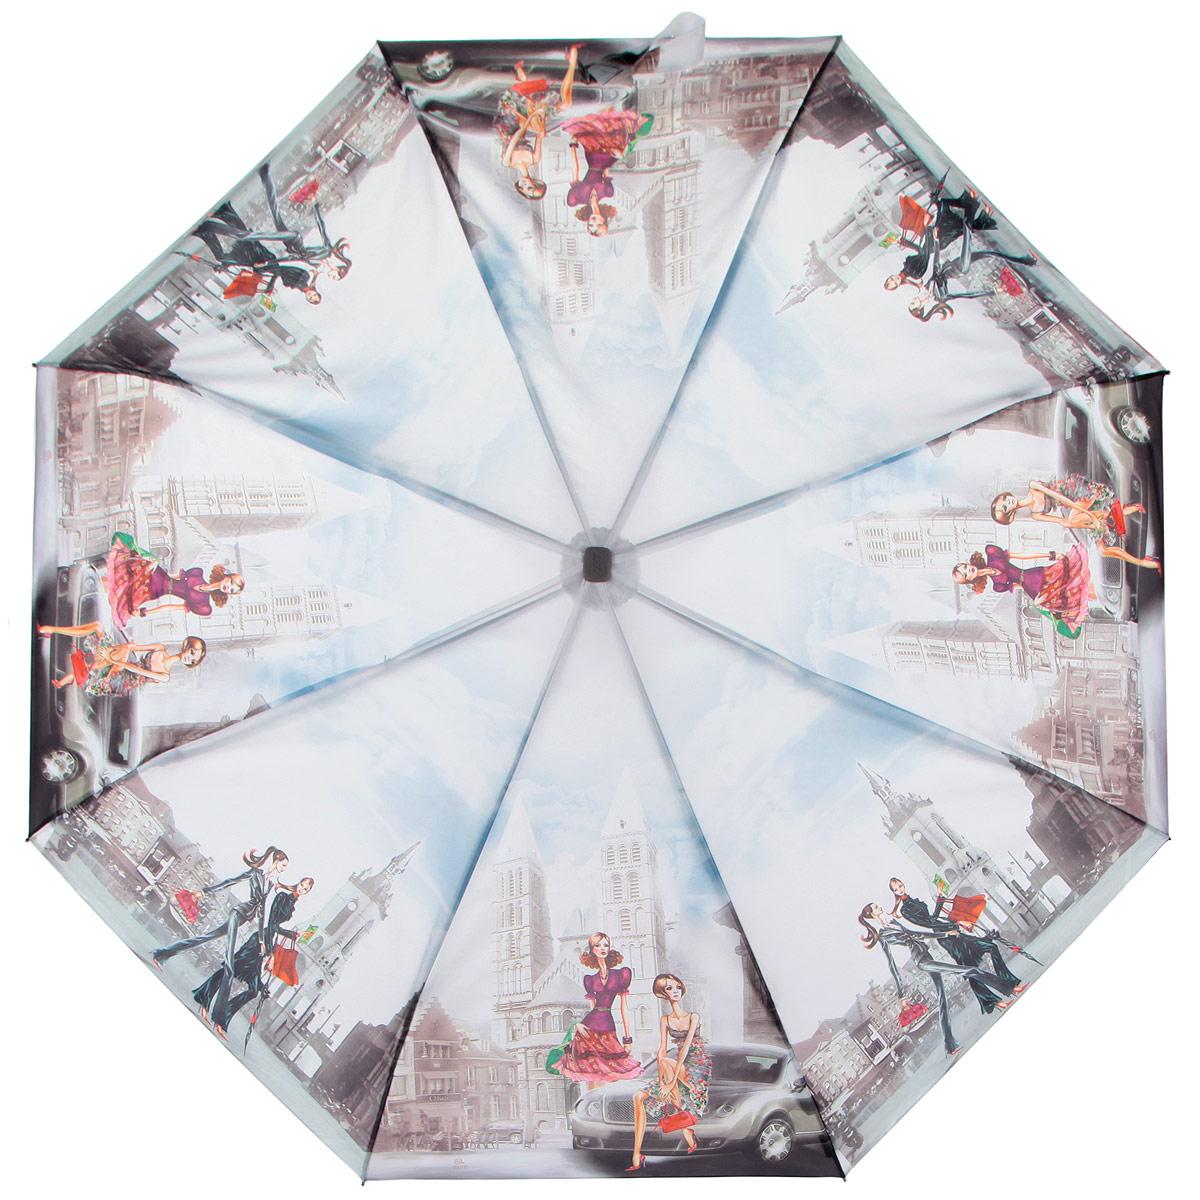 Зонт женский Zest, цвет: голубой, серый, мультицвет. 23815-910523815-9105Компактный женский зонт ZEST выполнен из металла, пластика и оформлен ярким принтом. Каркас зонта выполнен из восьми спиц, стержень из стали. На концах спиц предусмотрены металлические элементы, которые защитят владельца от травм. Купол зонта изготовлен прочного полиэстера. Закрытый купол застегивается на липучку хлястиком. Практичная рукоятка закругленной формы разработана с учетом требований эргономики и выполнена из пластика. Зонт полностью автоматический. Такой зонт не только надежно защитит от дождя, но и станет стильным аксессуаром.